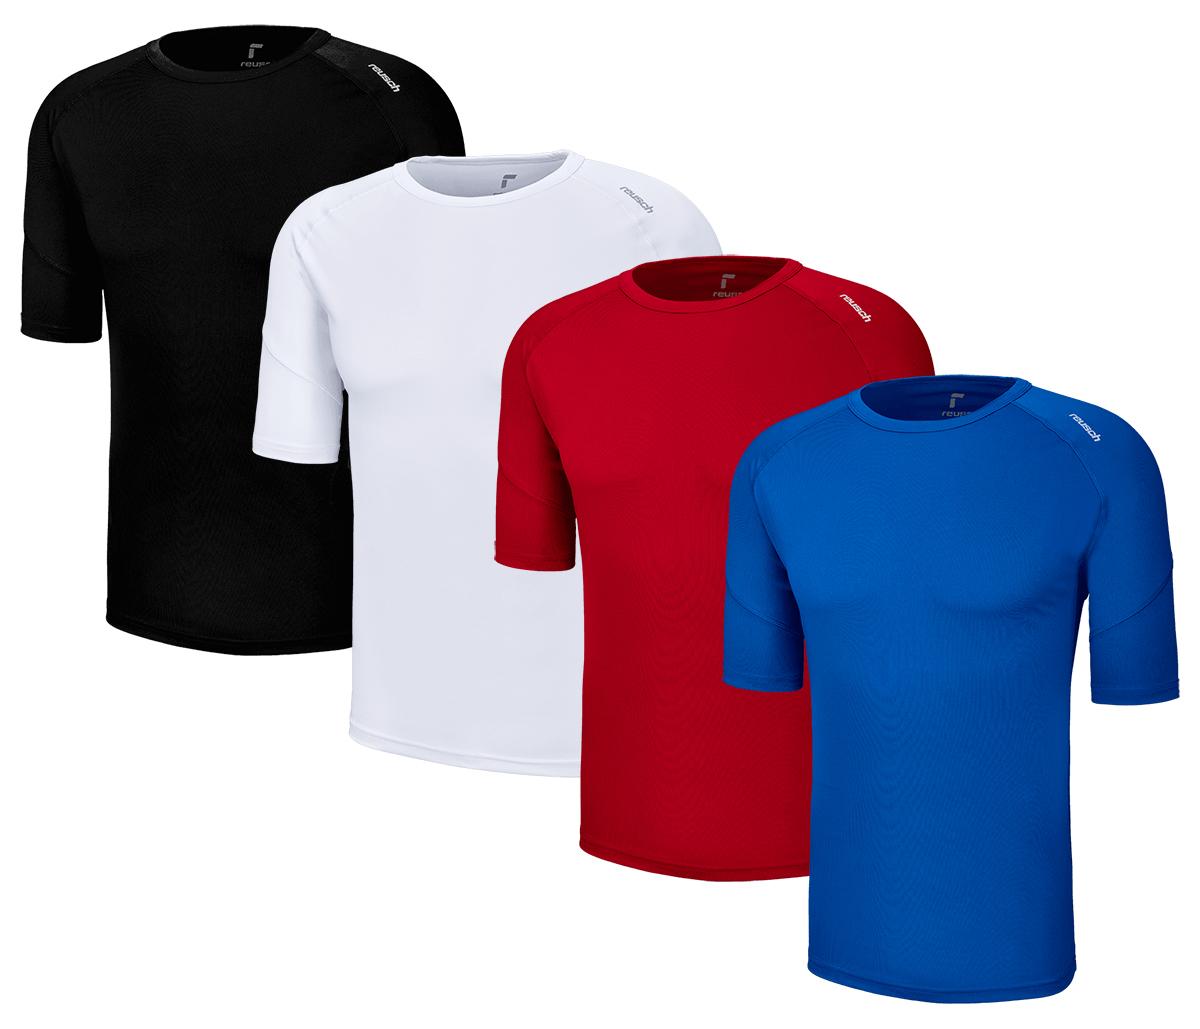 Reusch Funktionsshirts in 4 Farben im 3er (24,95€) & 5er Pack (33,95€) - Größen S bis 3XL